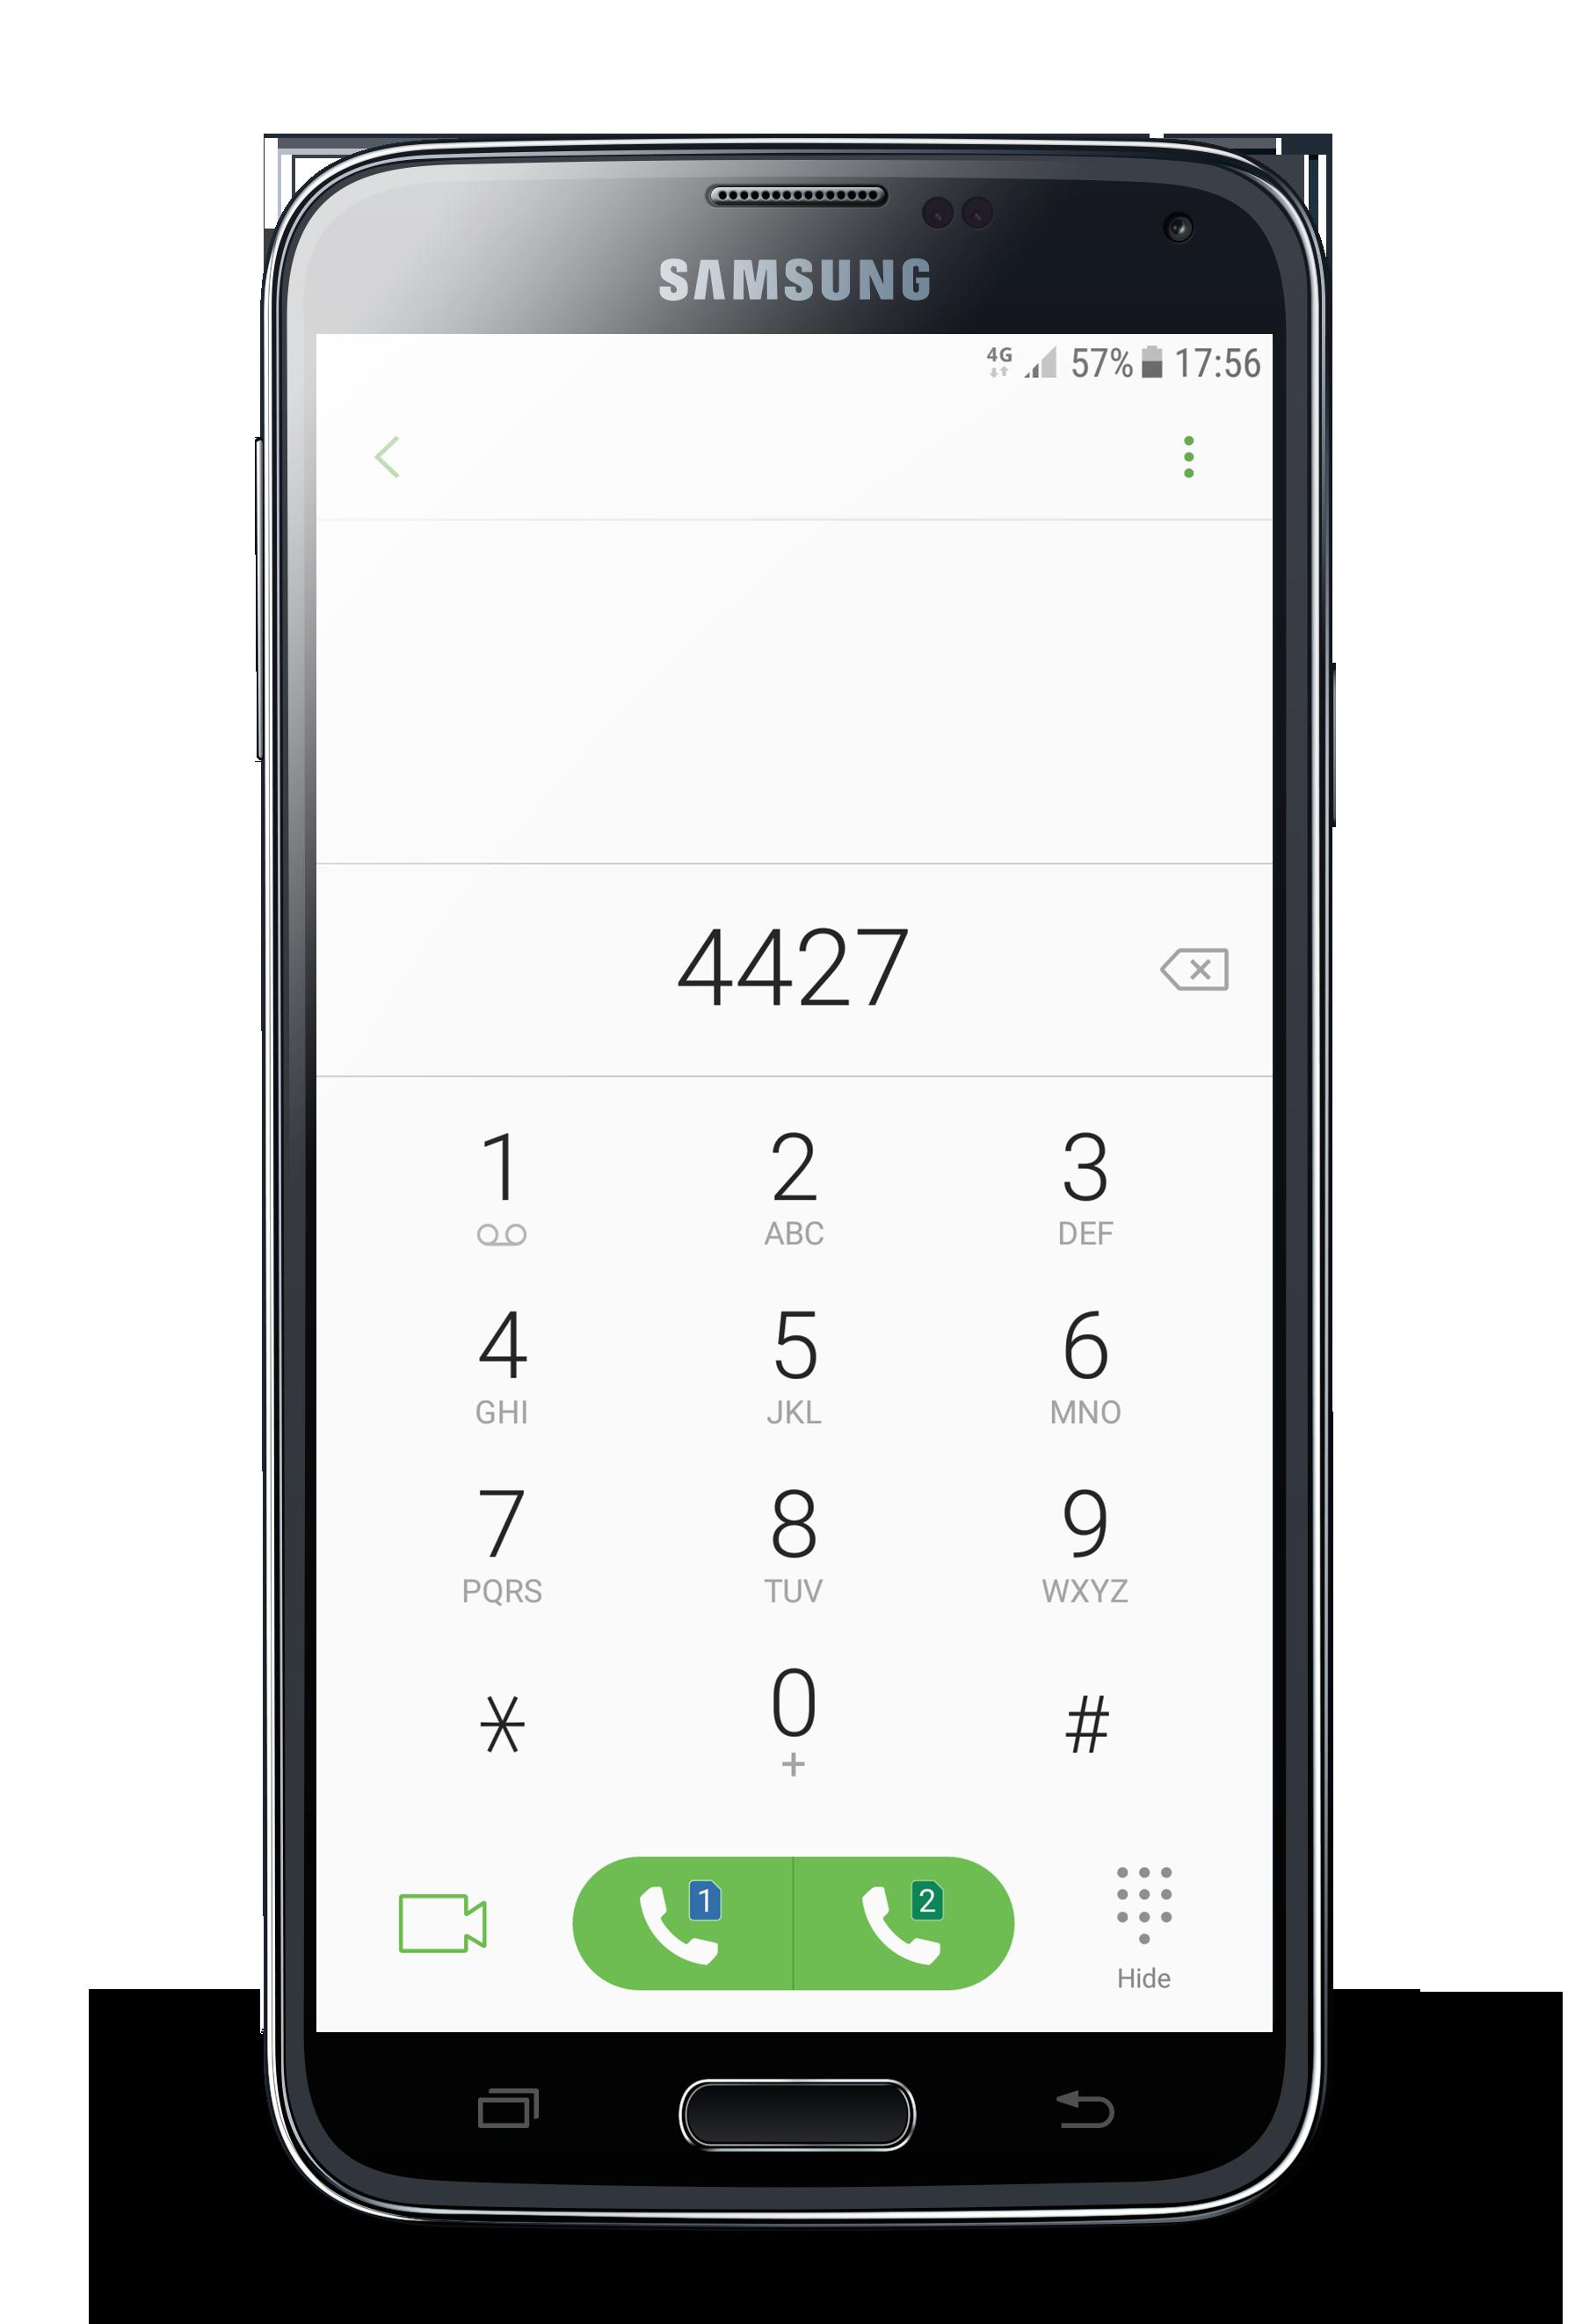 کد فعال سازی ثبت نام در آیگپ و شماره های ارسال کننده آن